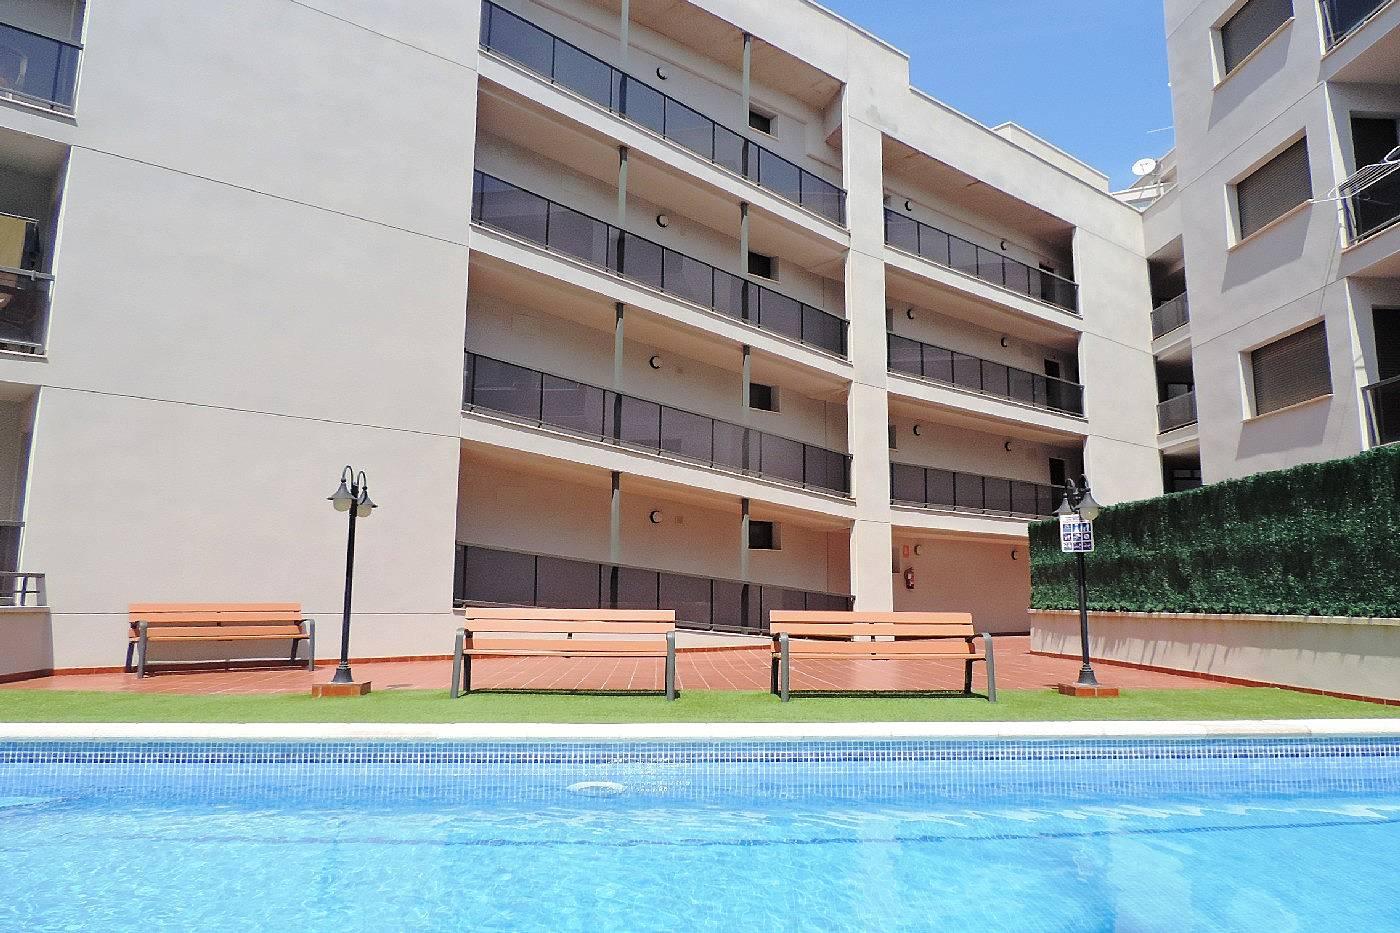 Apartamento en l 39 ampolla con piscina y playa a 300 l for Apartamentos con piscina y playa